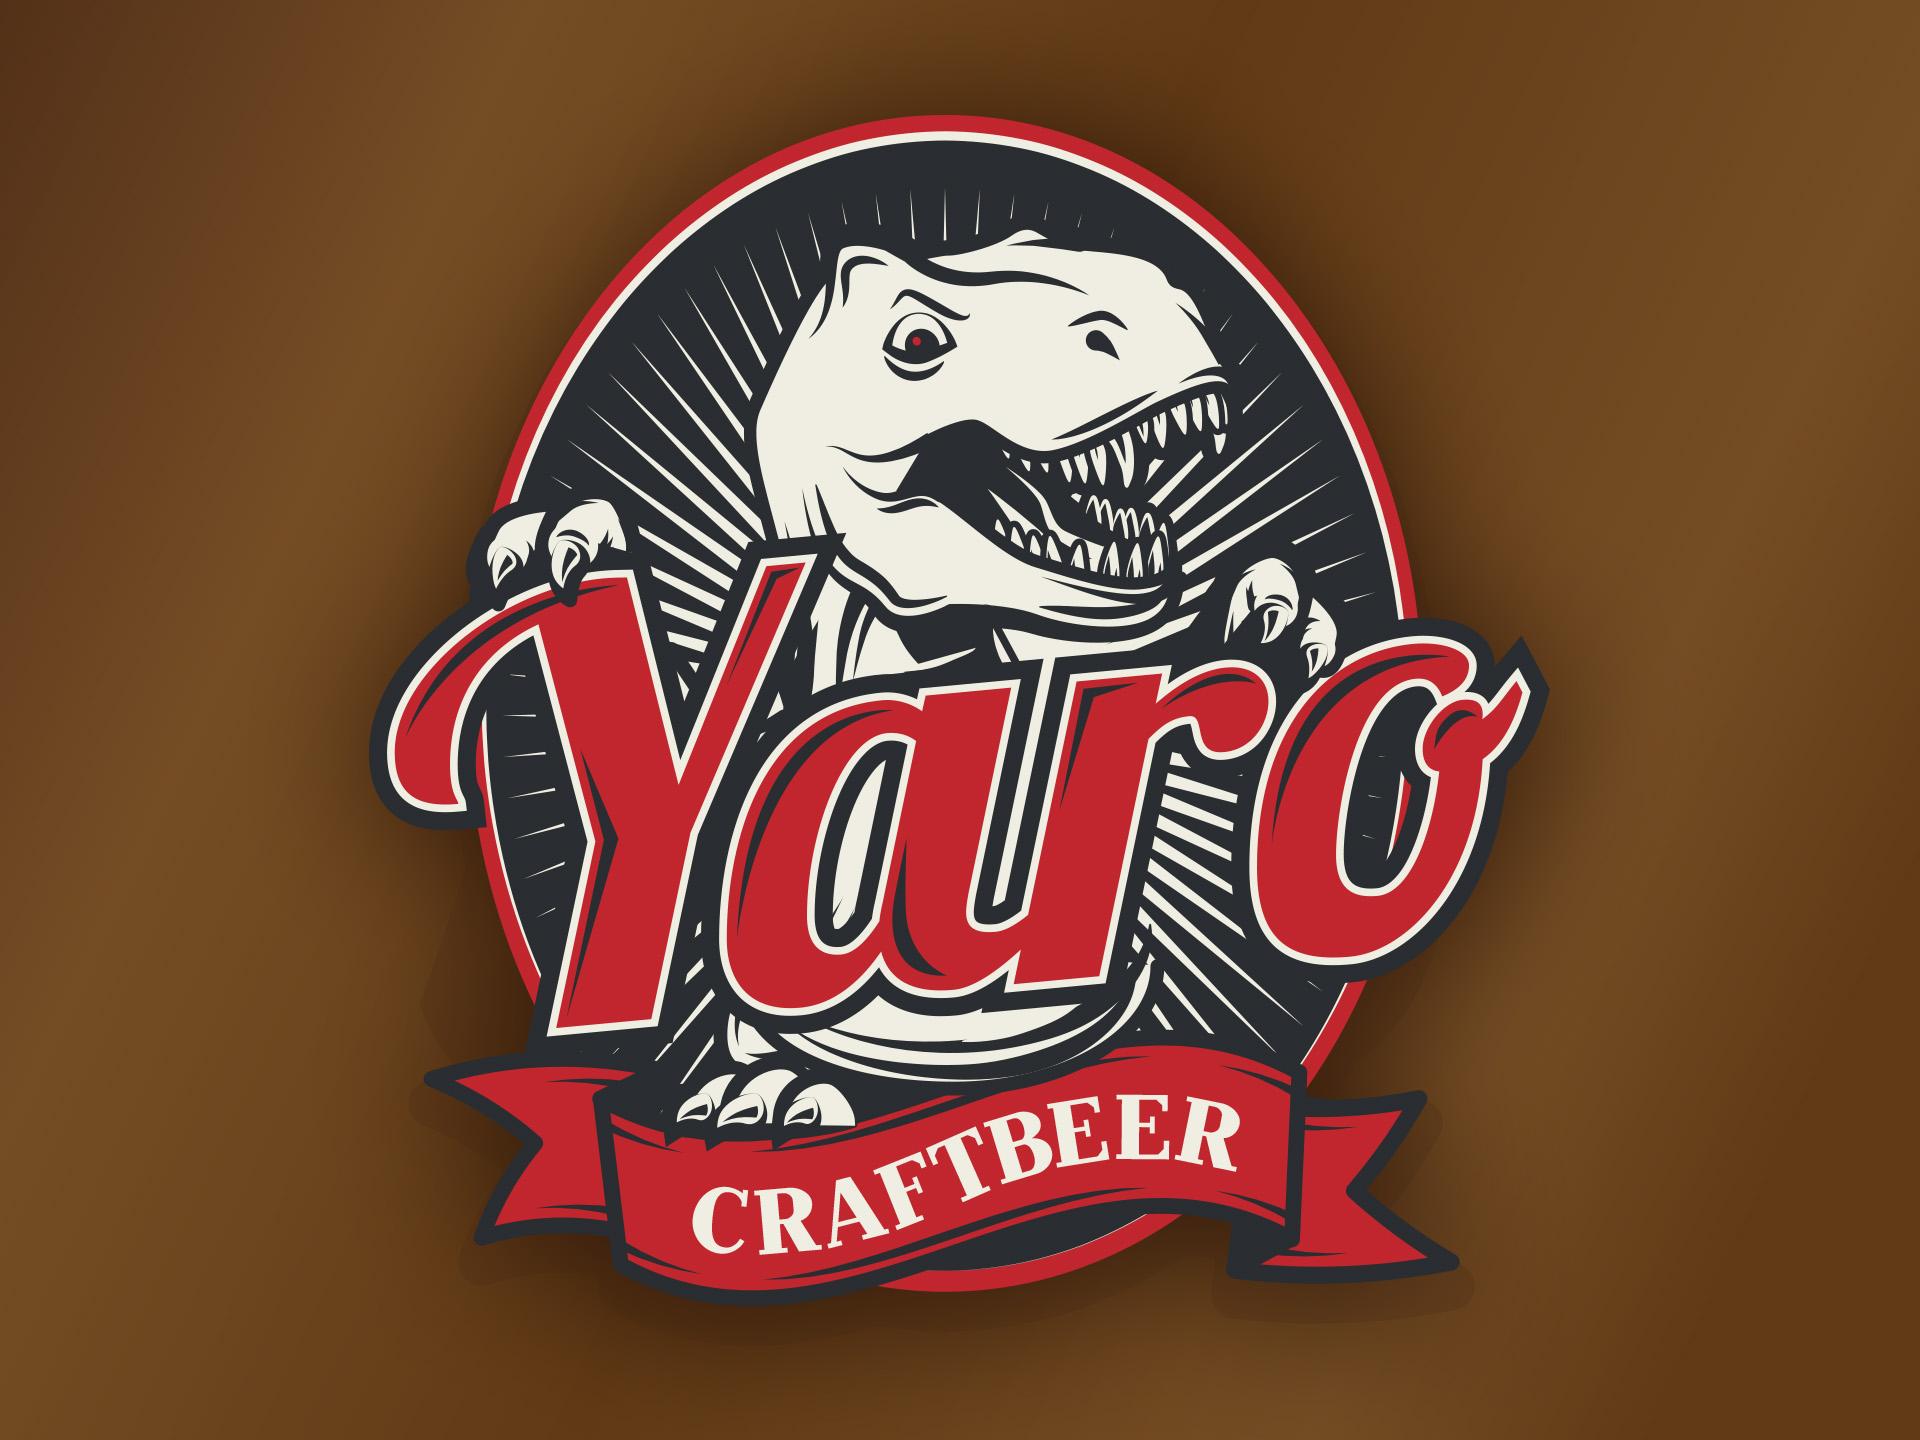 SM Graphic Design Referenzen Beschriftung Packaging Design Bier Etikette Yaro Bier Stadtbühler Brauerei Gossau Illustration Zeichnung